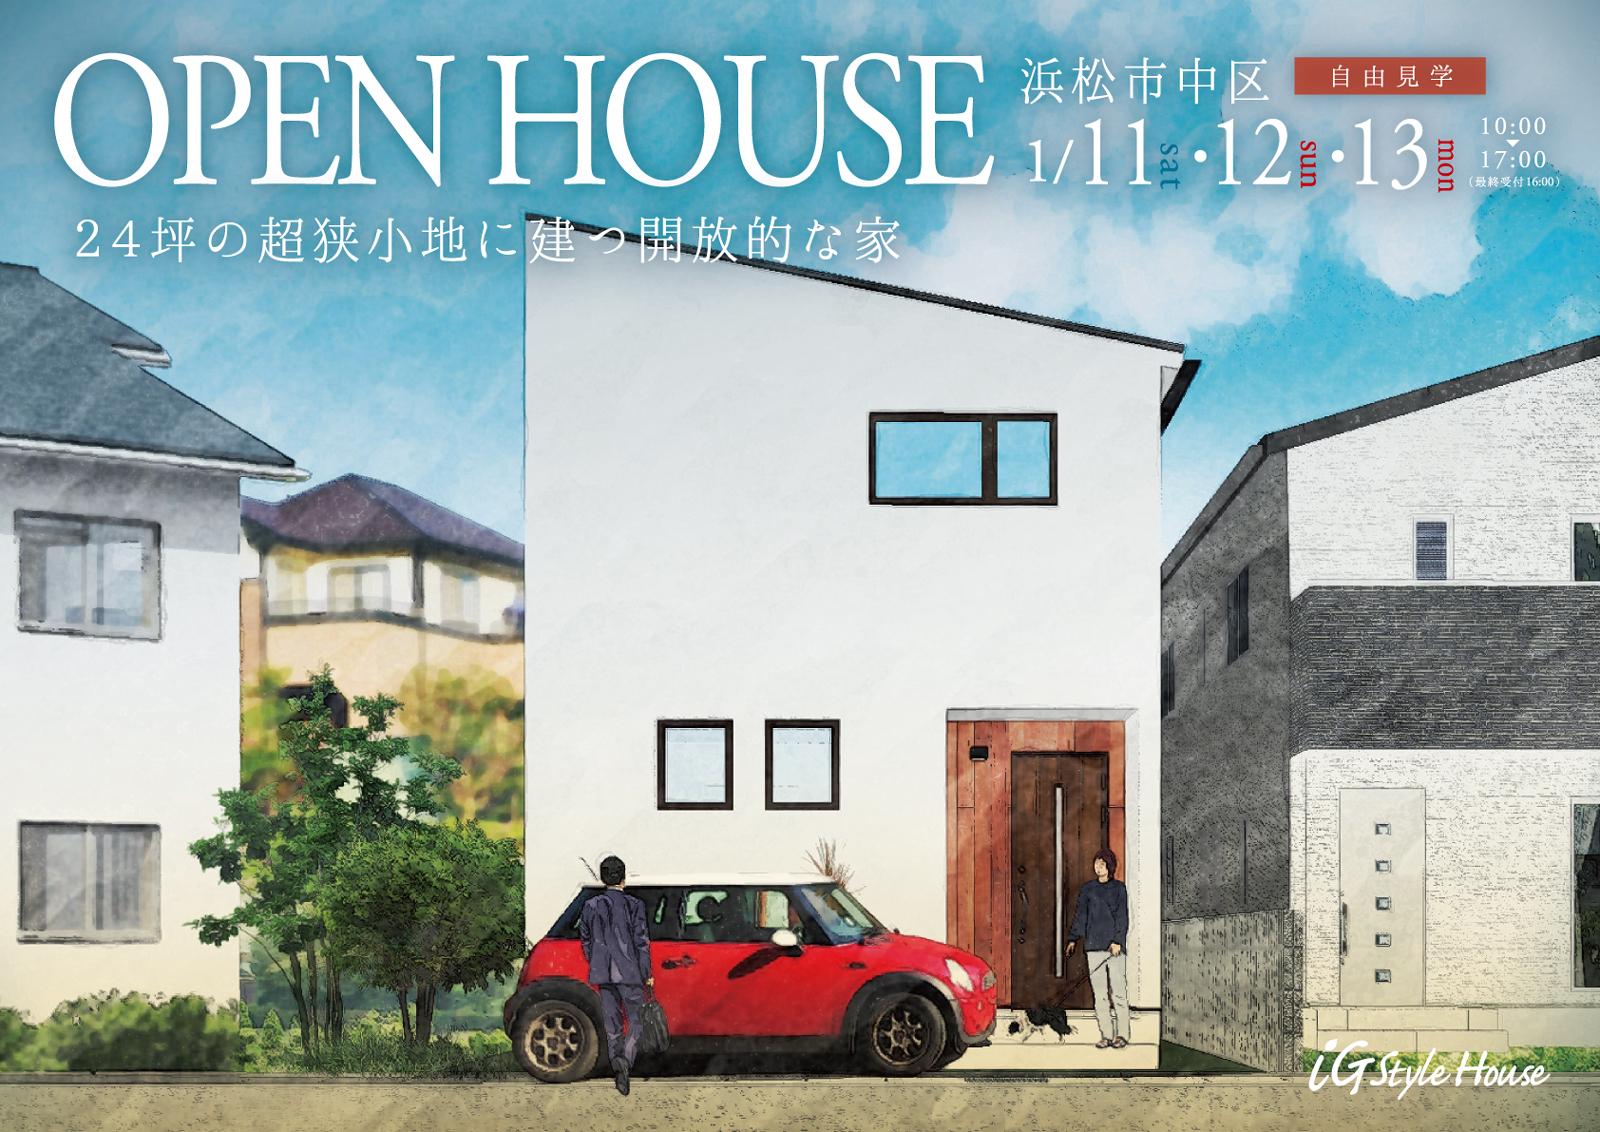 【手渡し用】1月11-13日 新築完成見学会(浜松市中区)